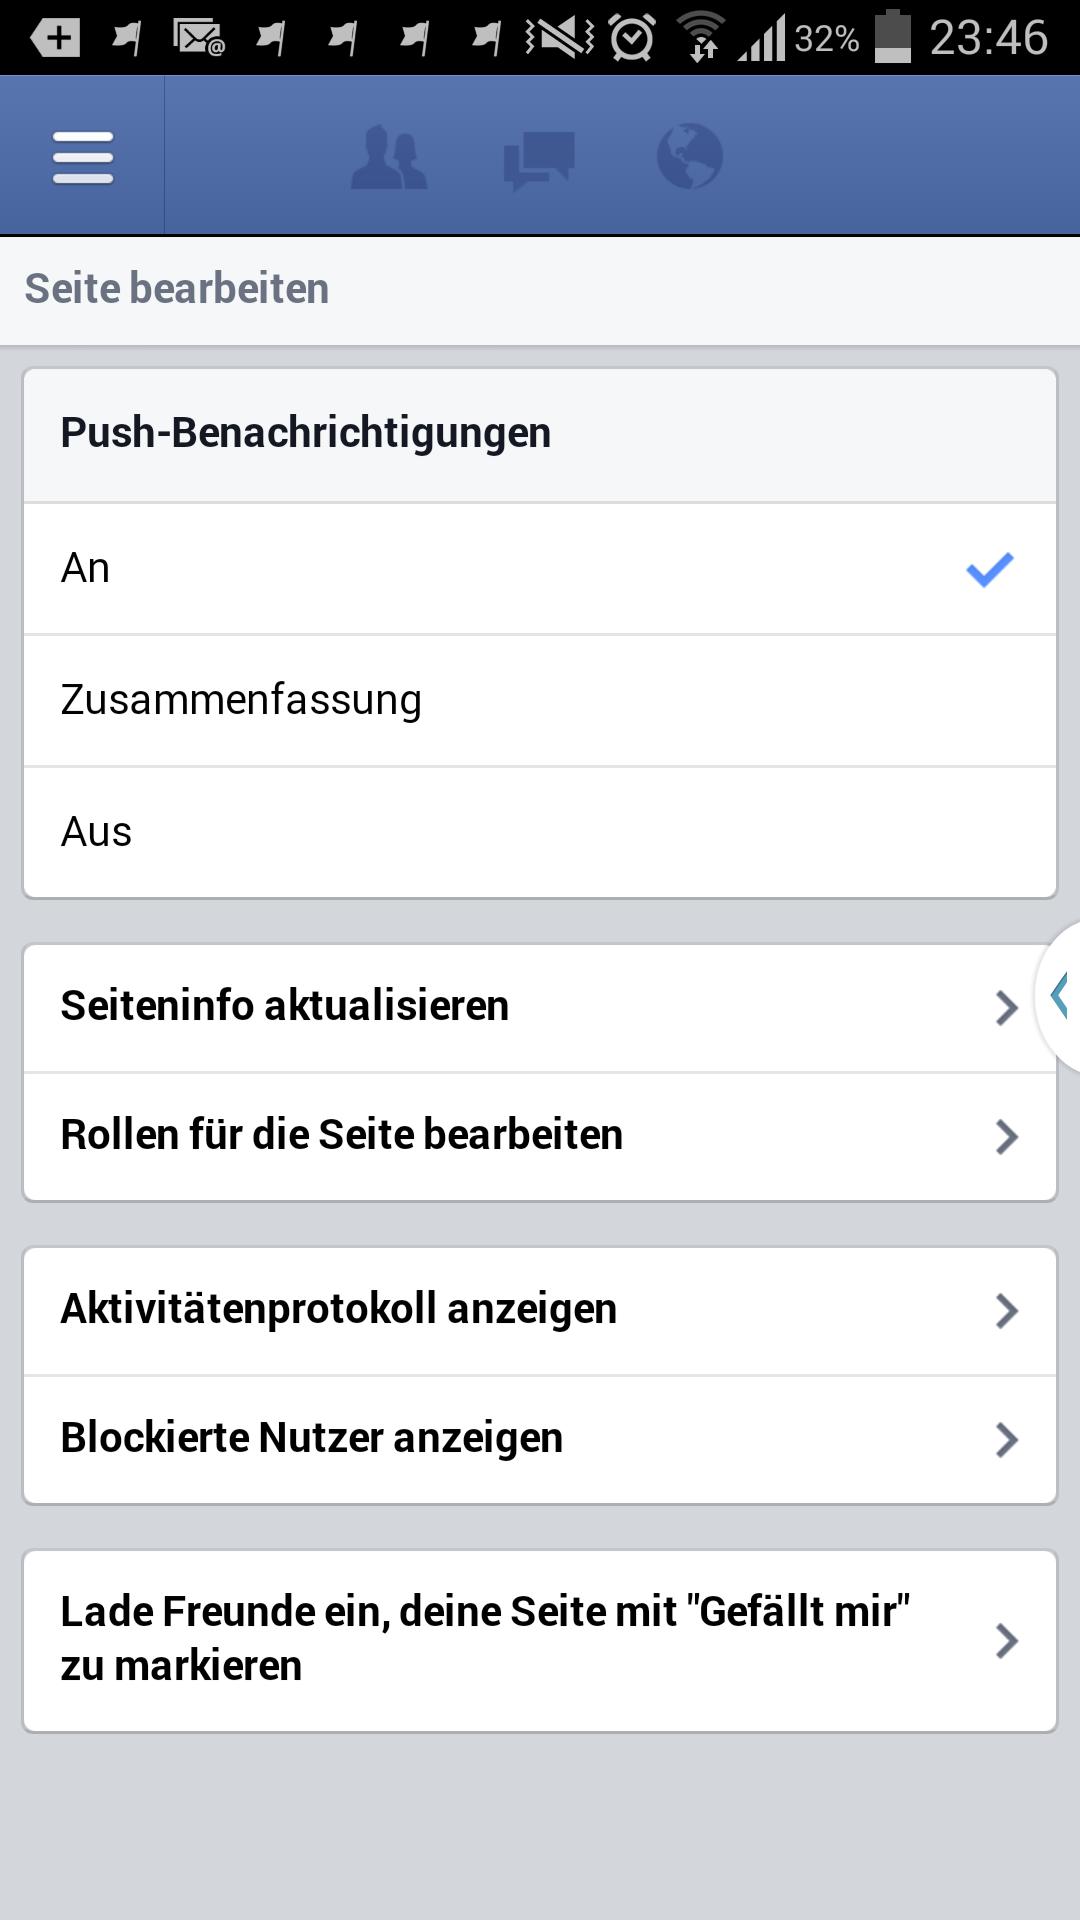 Einstellungen in der Seitenmanager Mobileapplikation